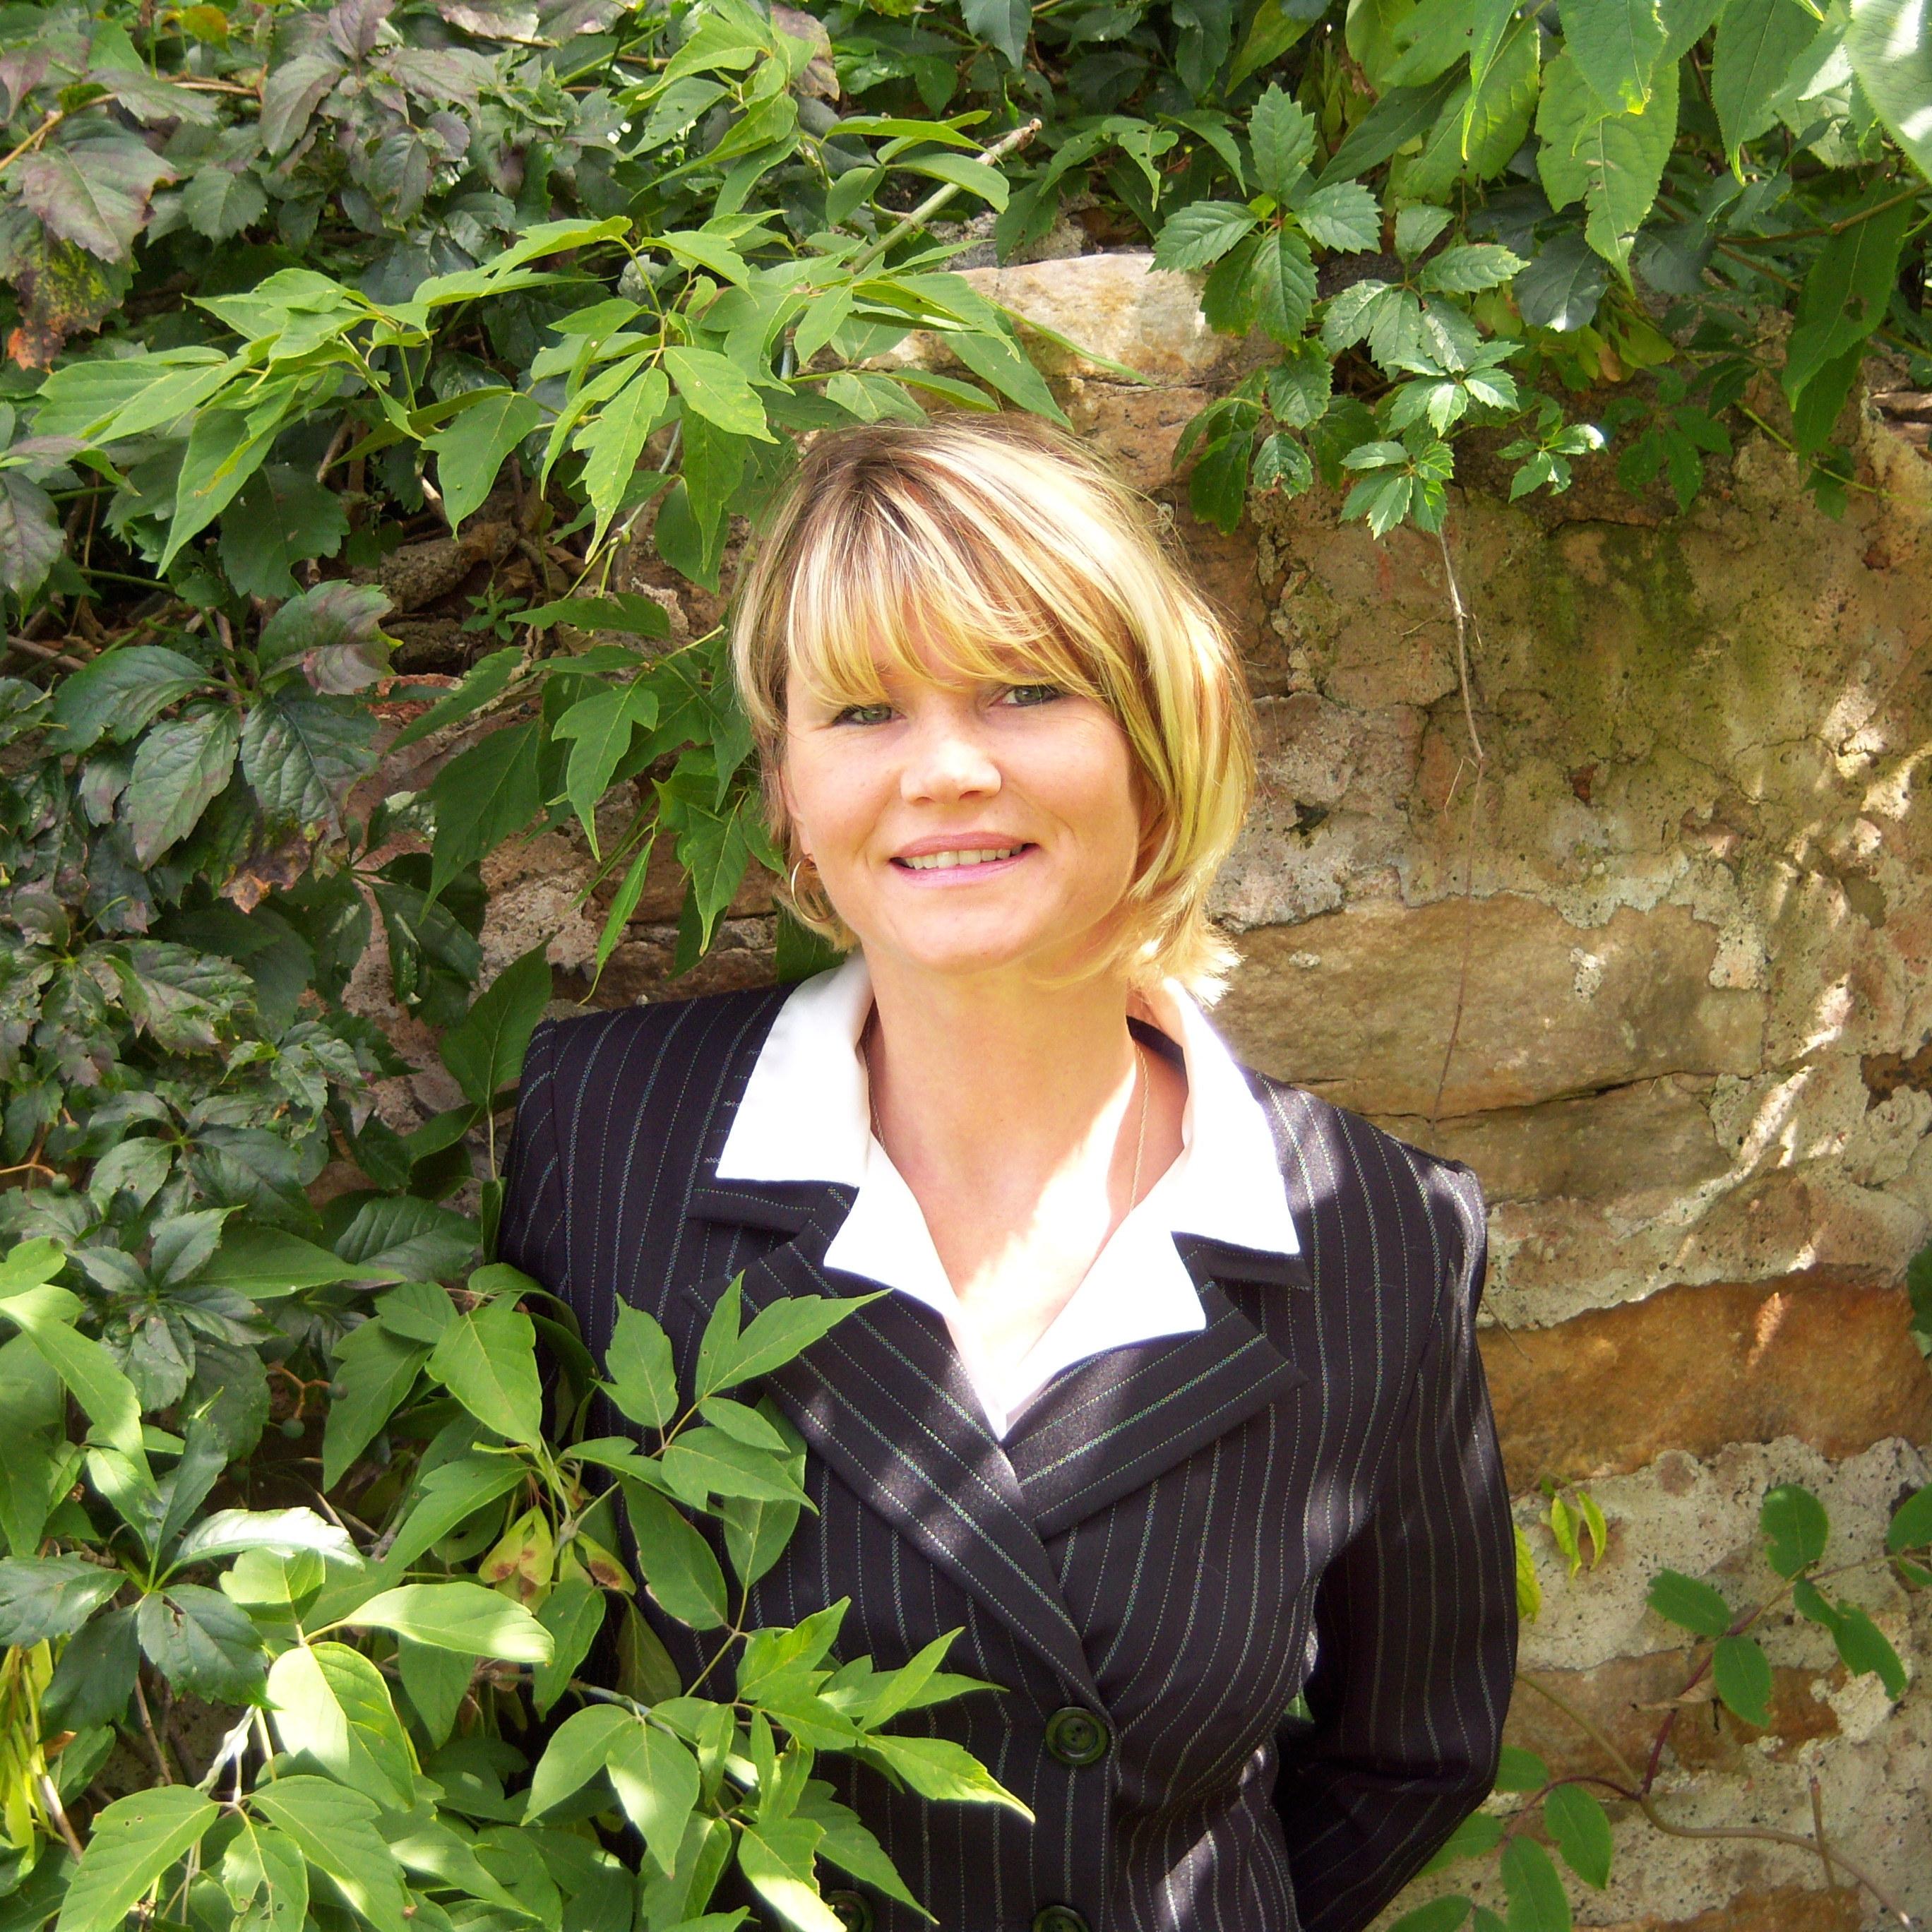 Victoria Roder